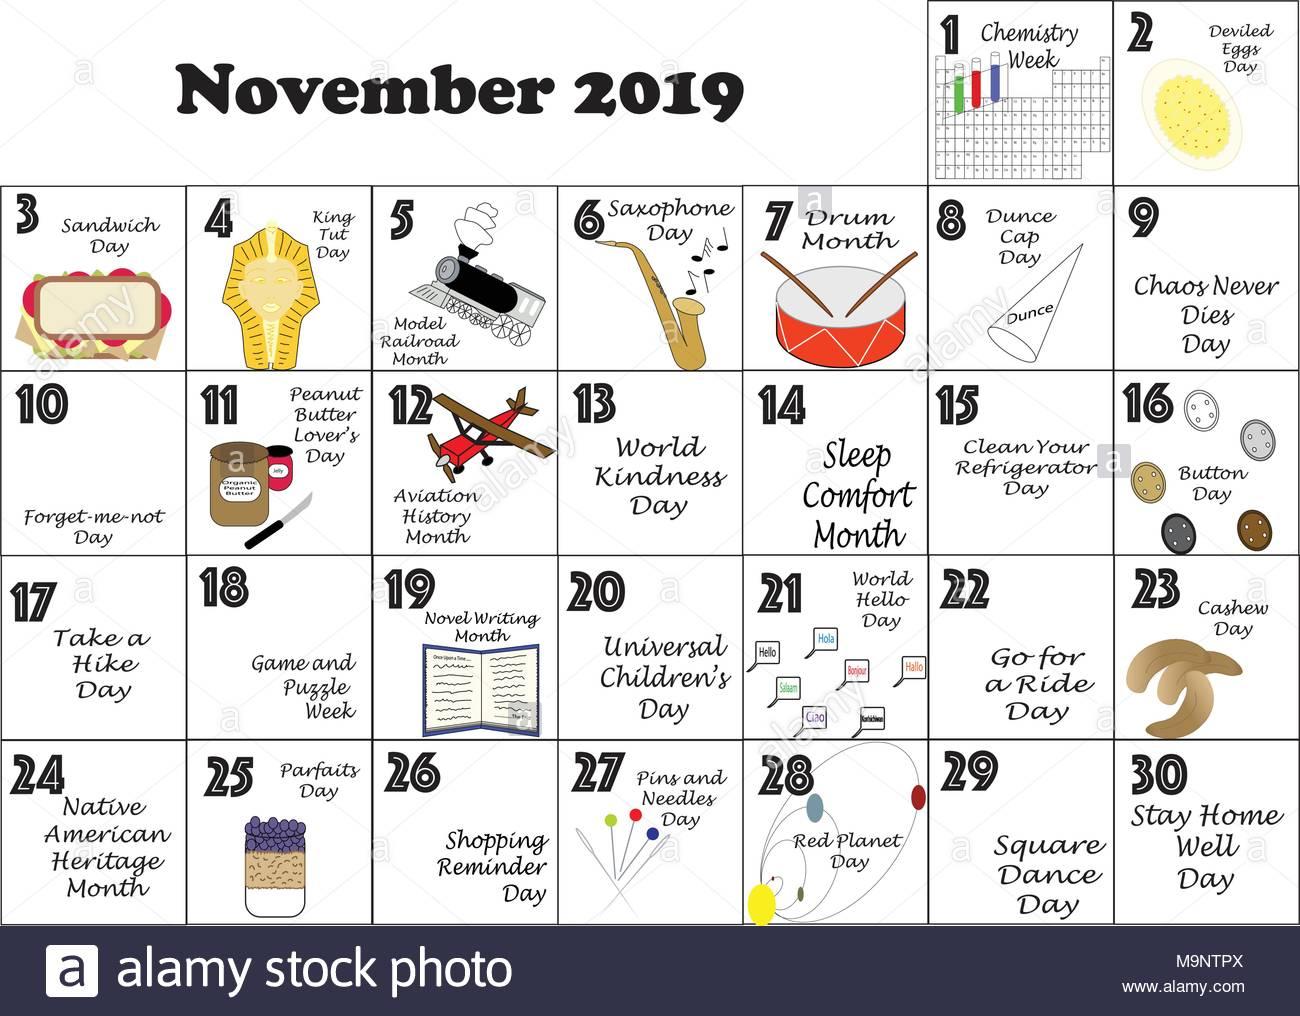 21 november 2019